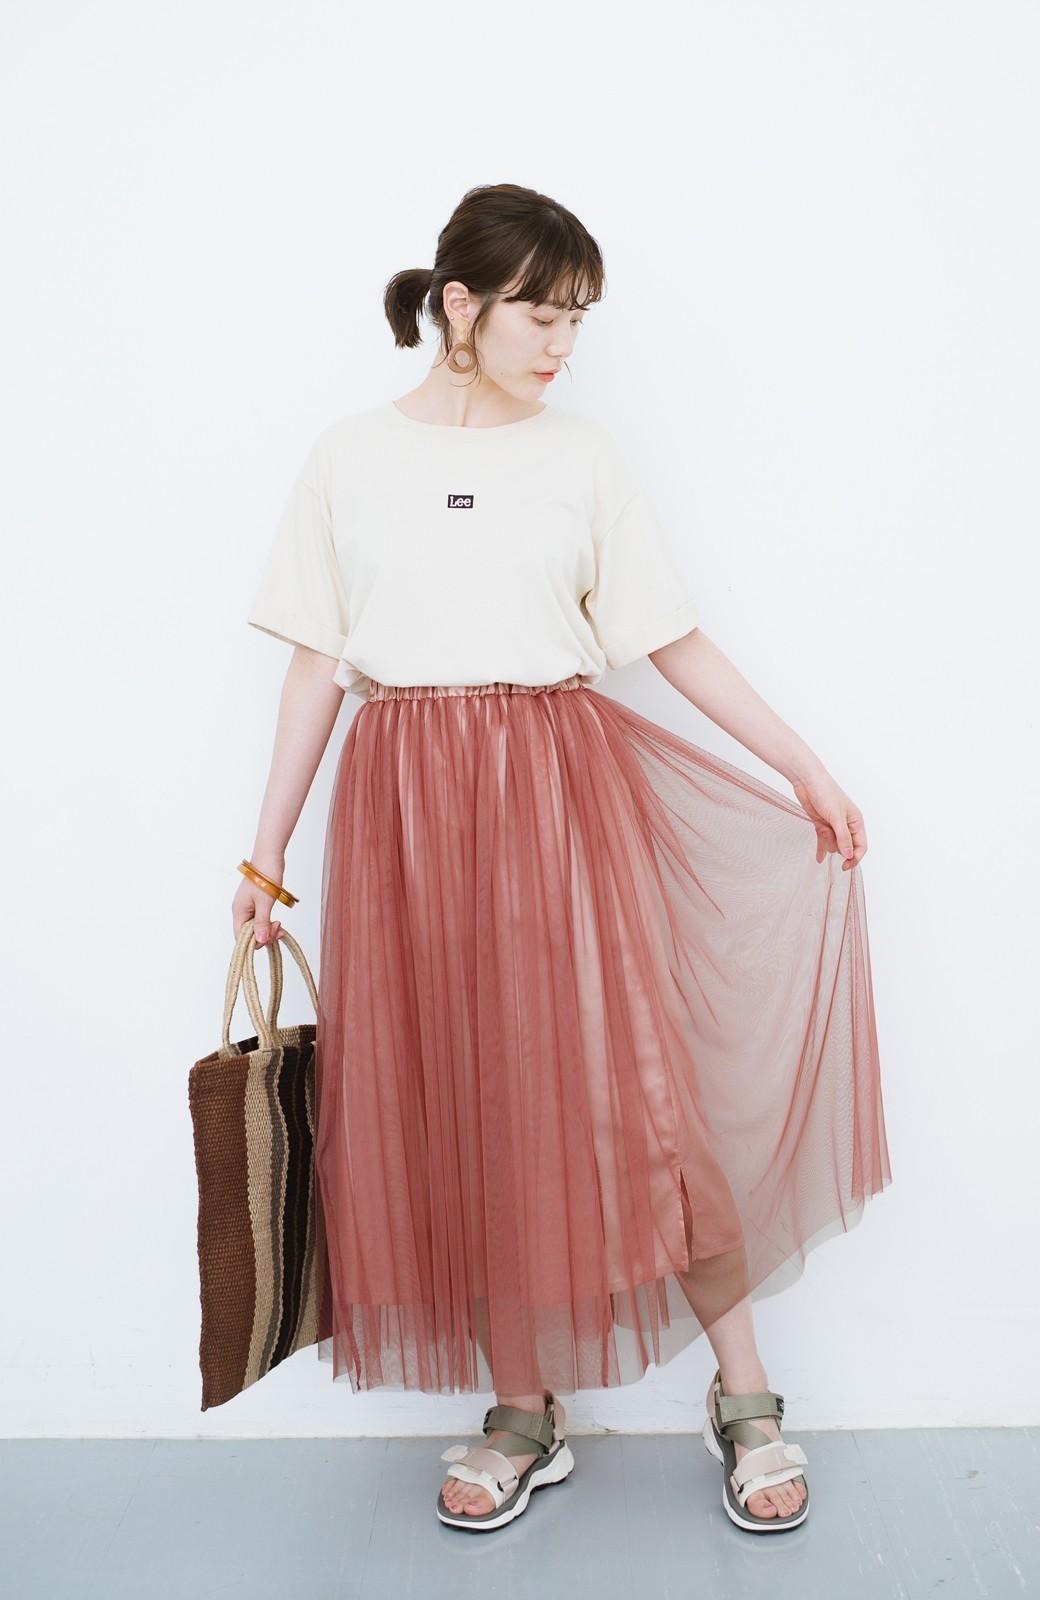 haco! 着るだけでルンとした気分になる! 長ーーい季節着られてずっと使えるオトナのためのチュールスカート <ピンク>の商品写真4